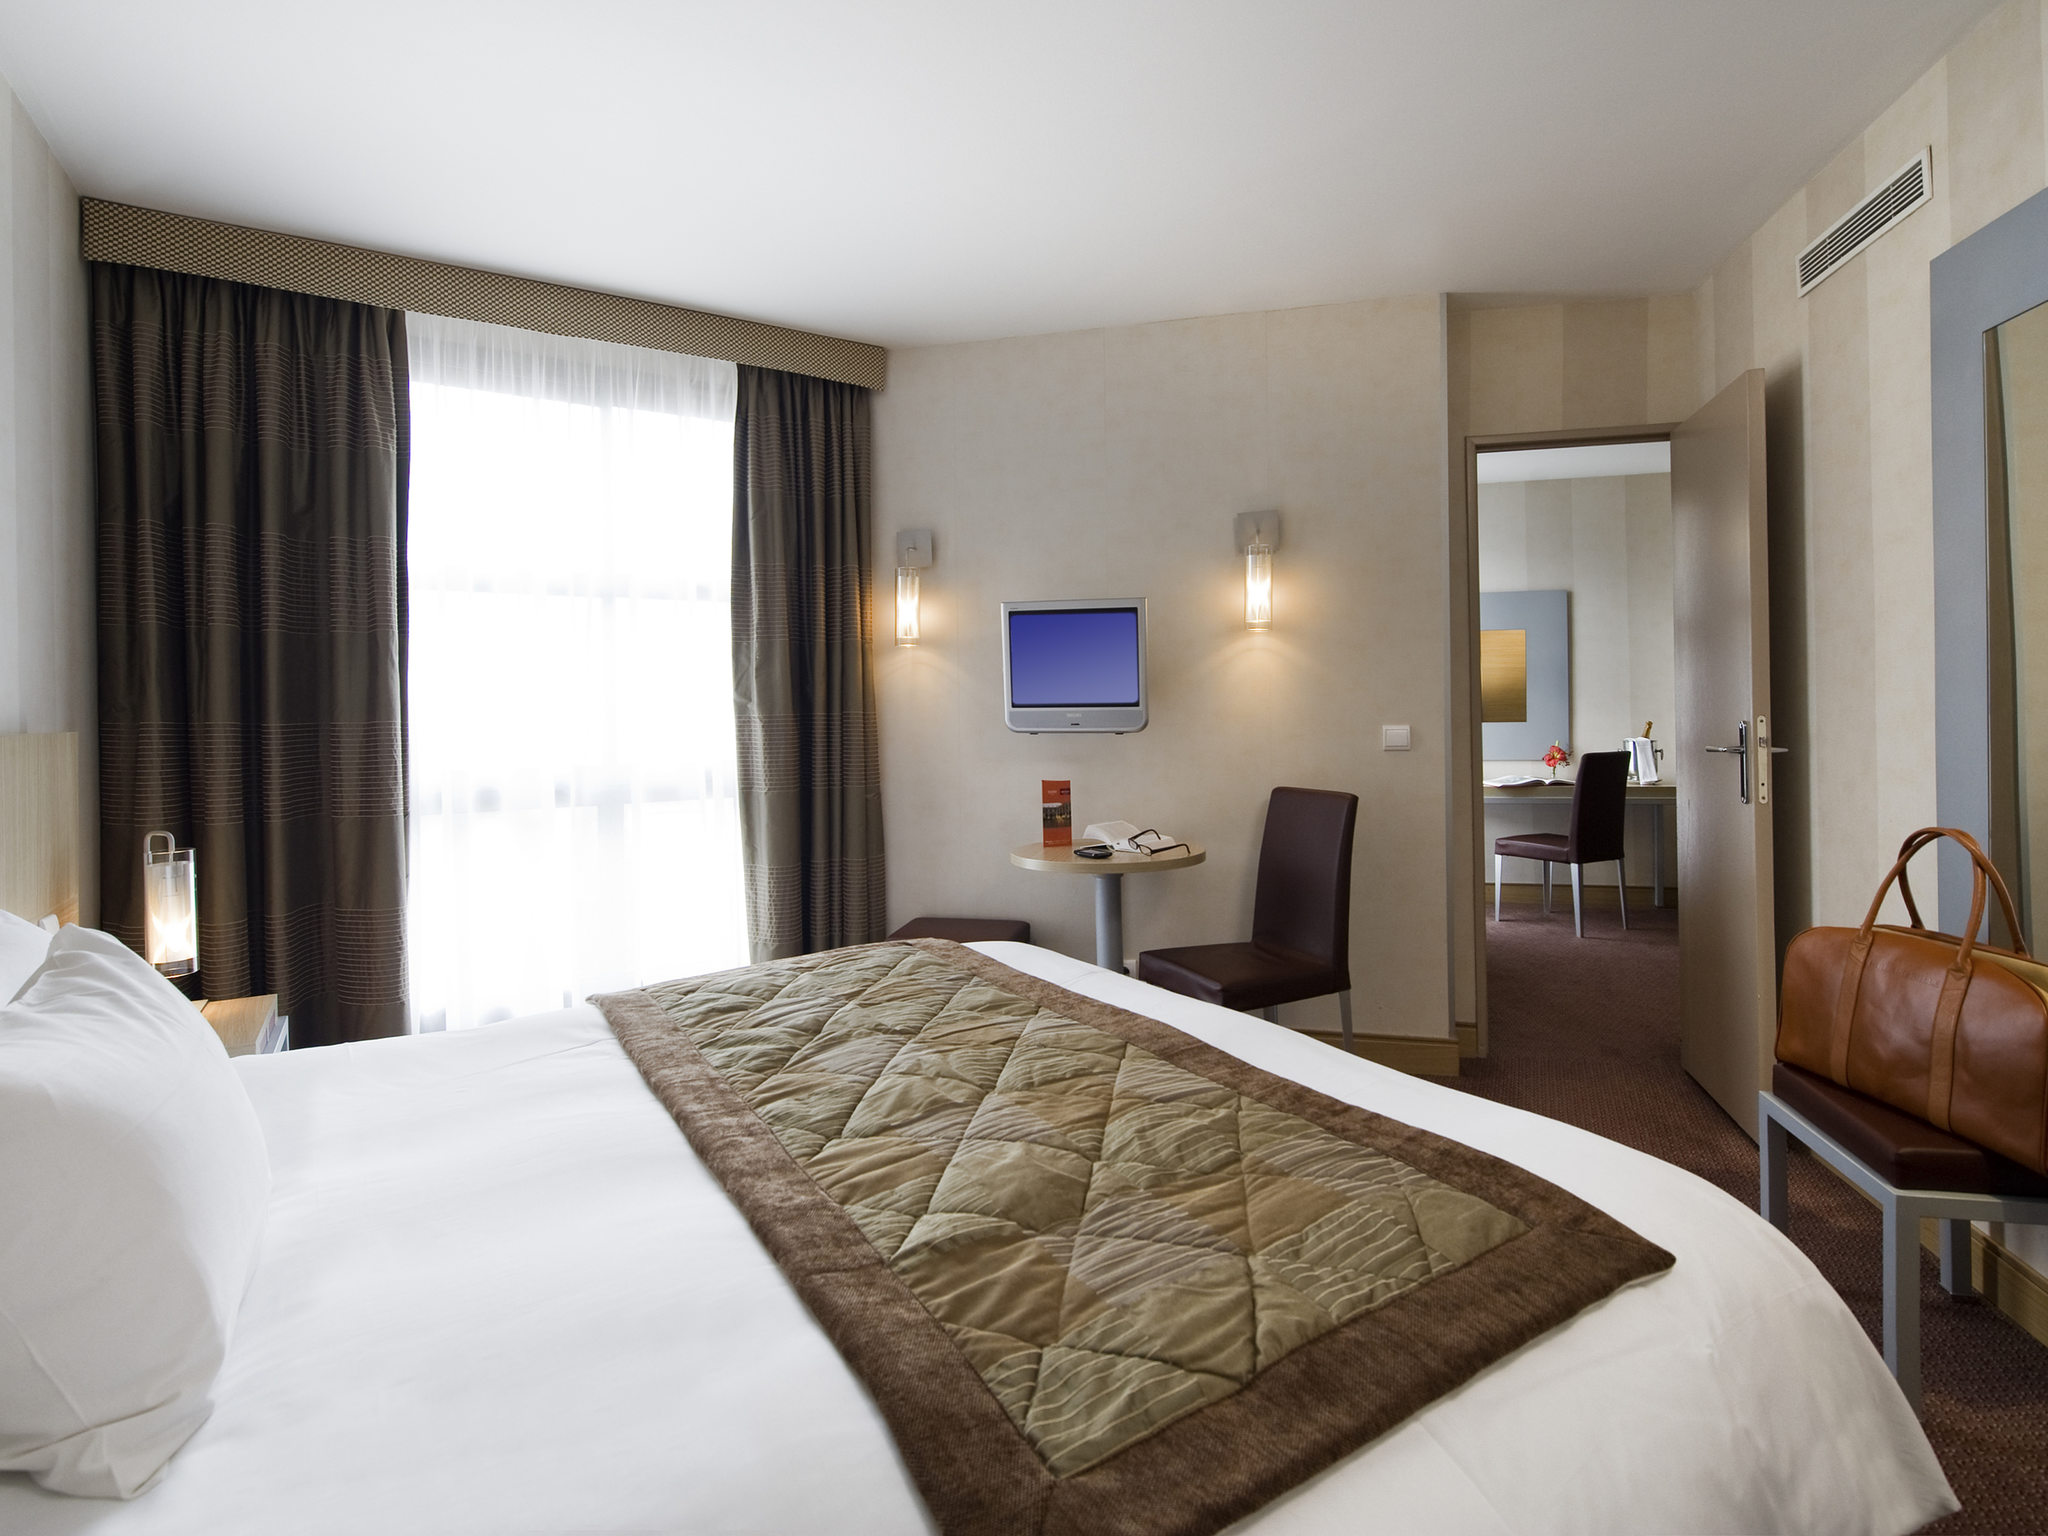 Hotel – Hotel Mercure Paris Gobelins Place d'Italie